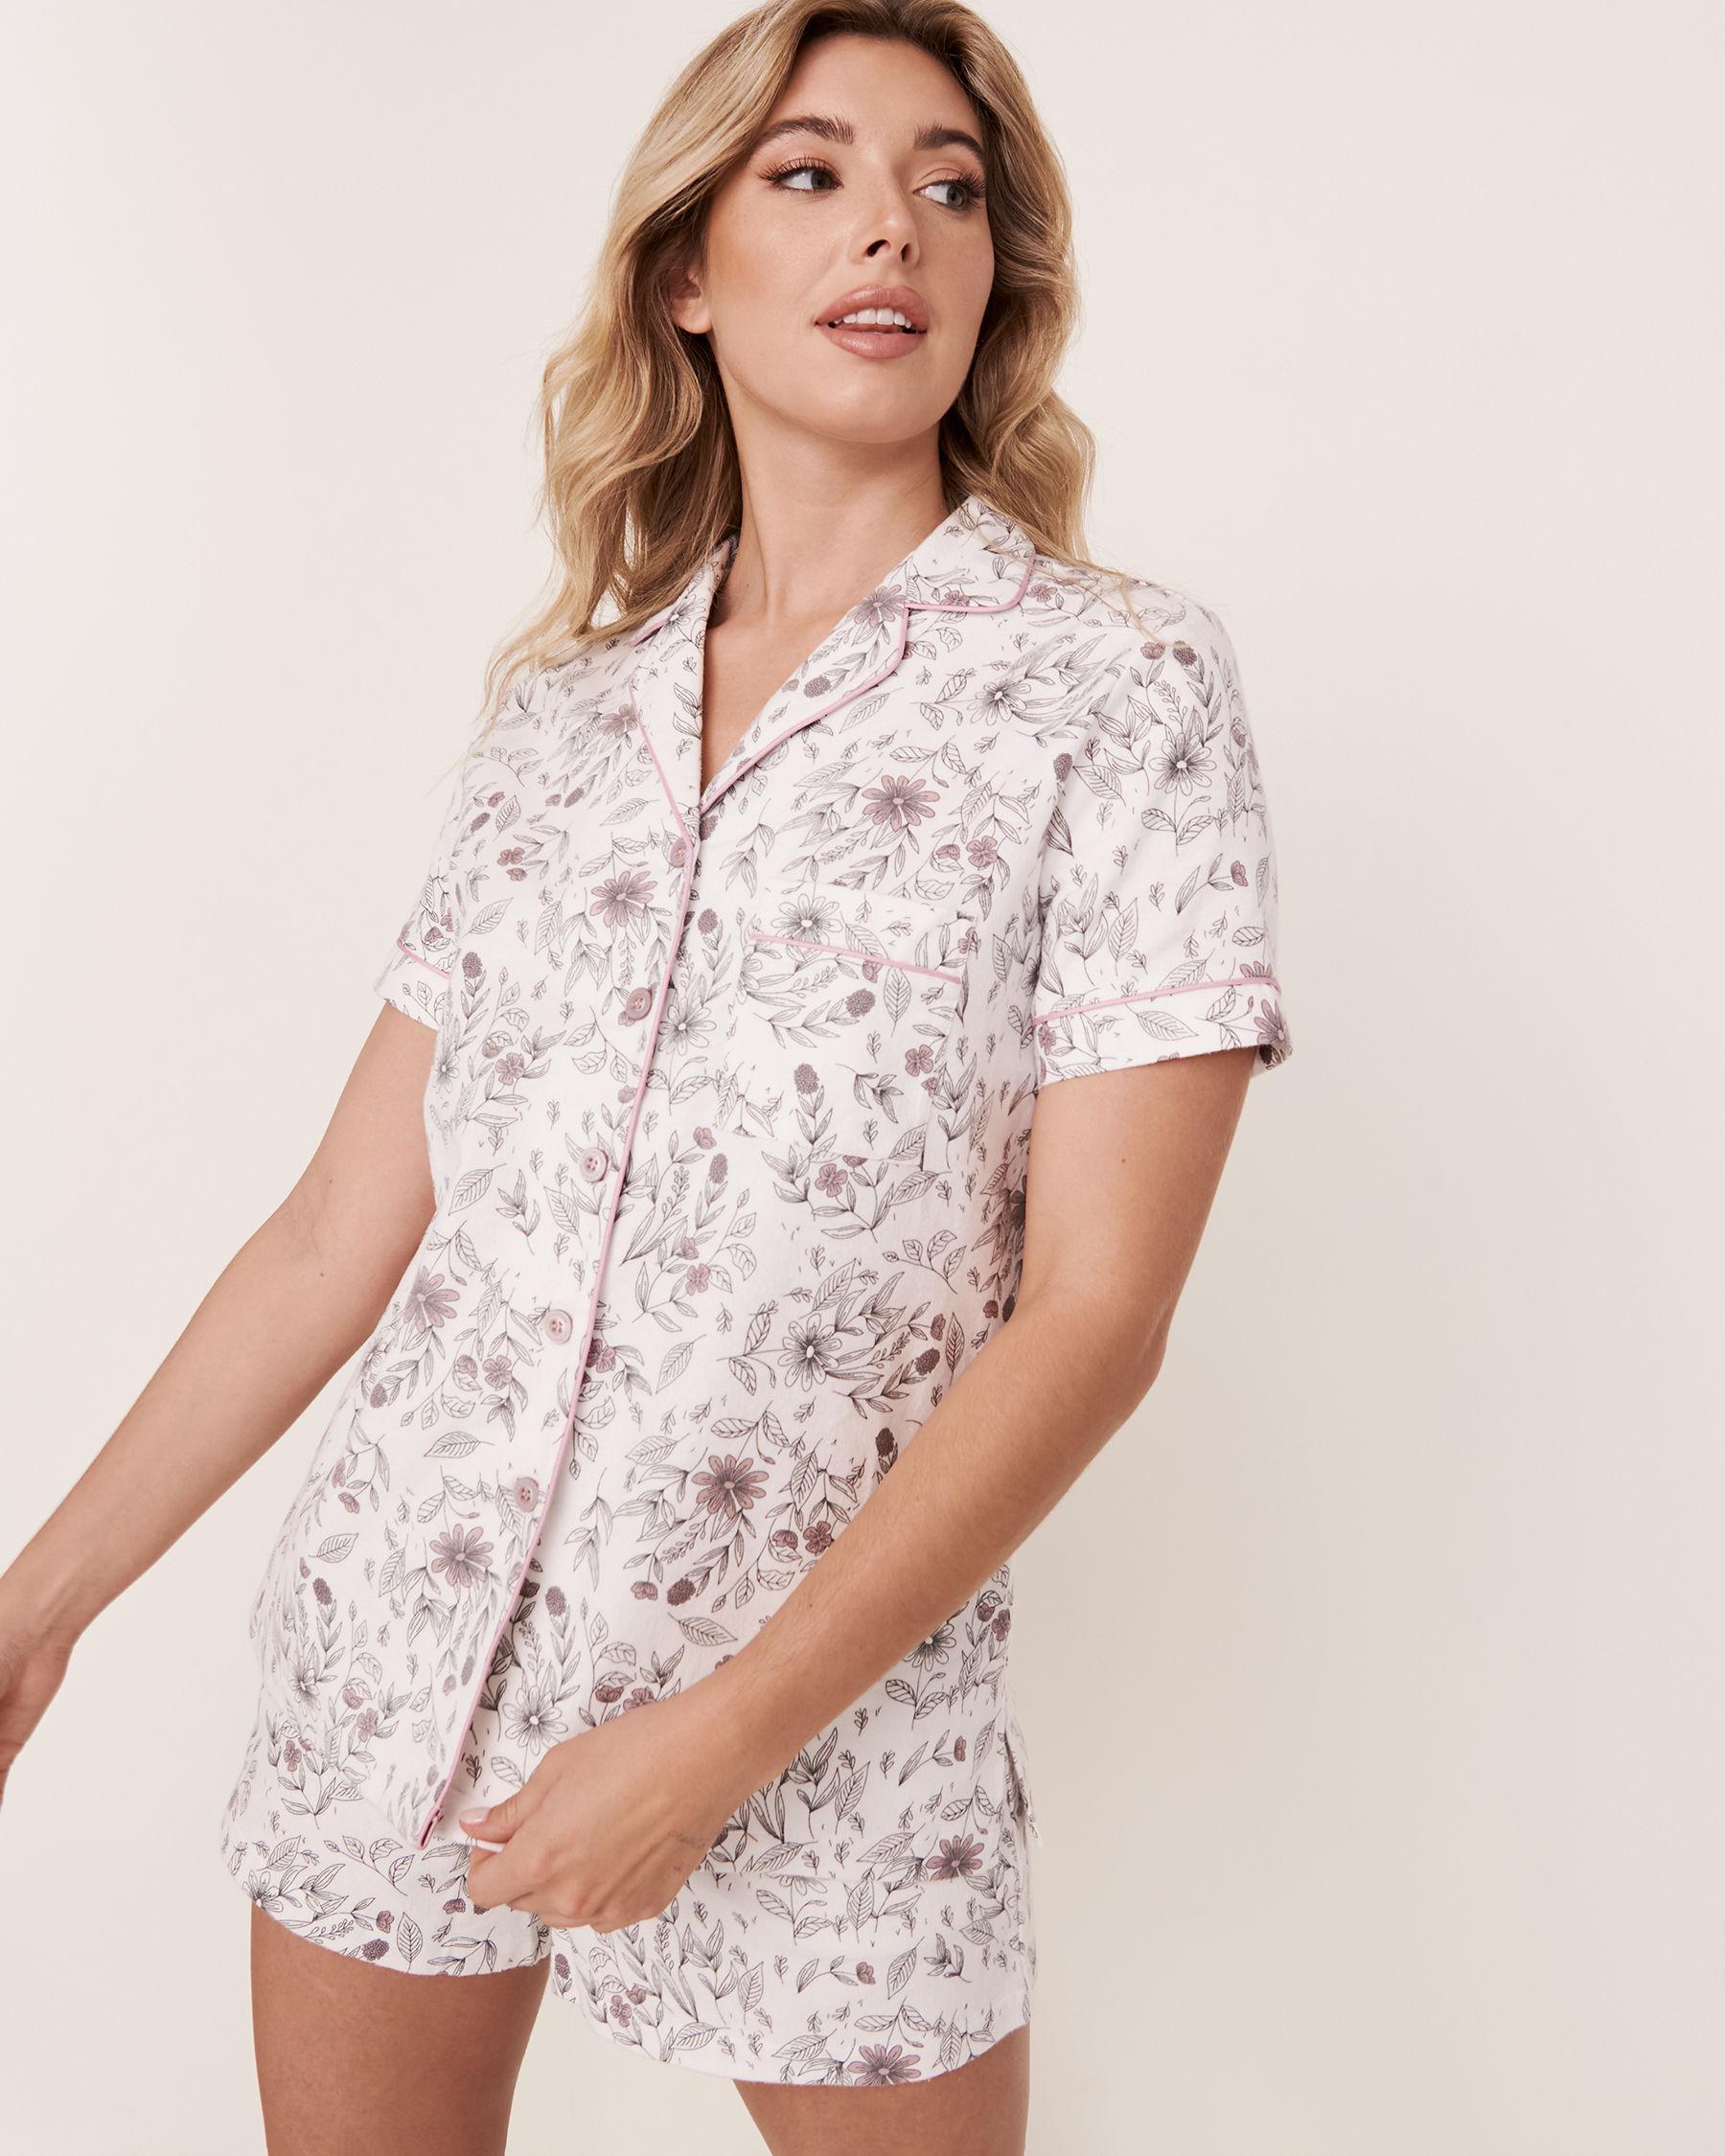 LA VIE EN ROSE Ensemble pyjama short en flanelle Feuillage 40400011 - Voir1